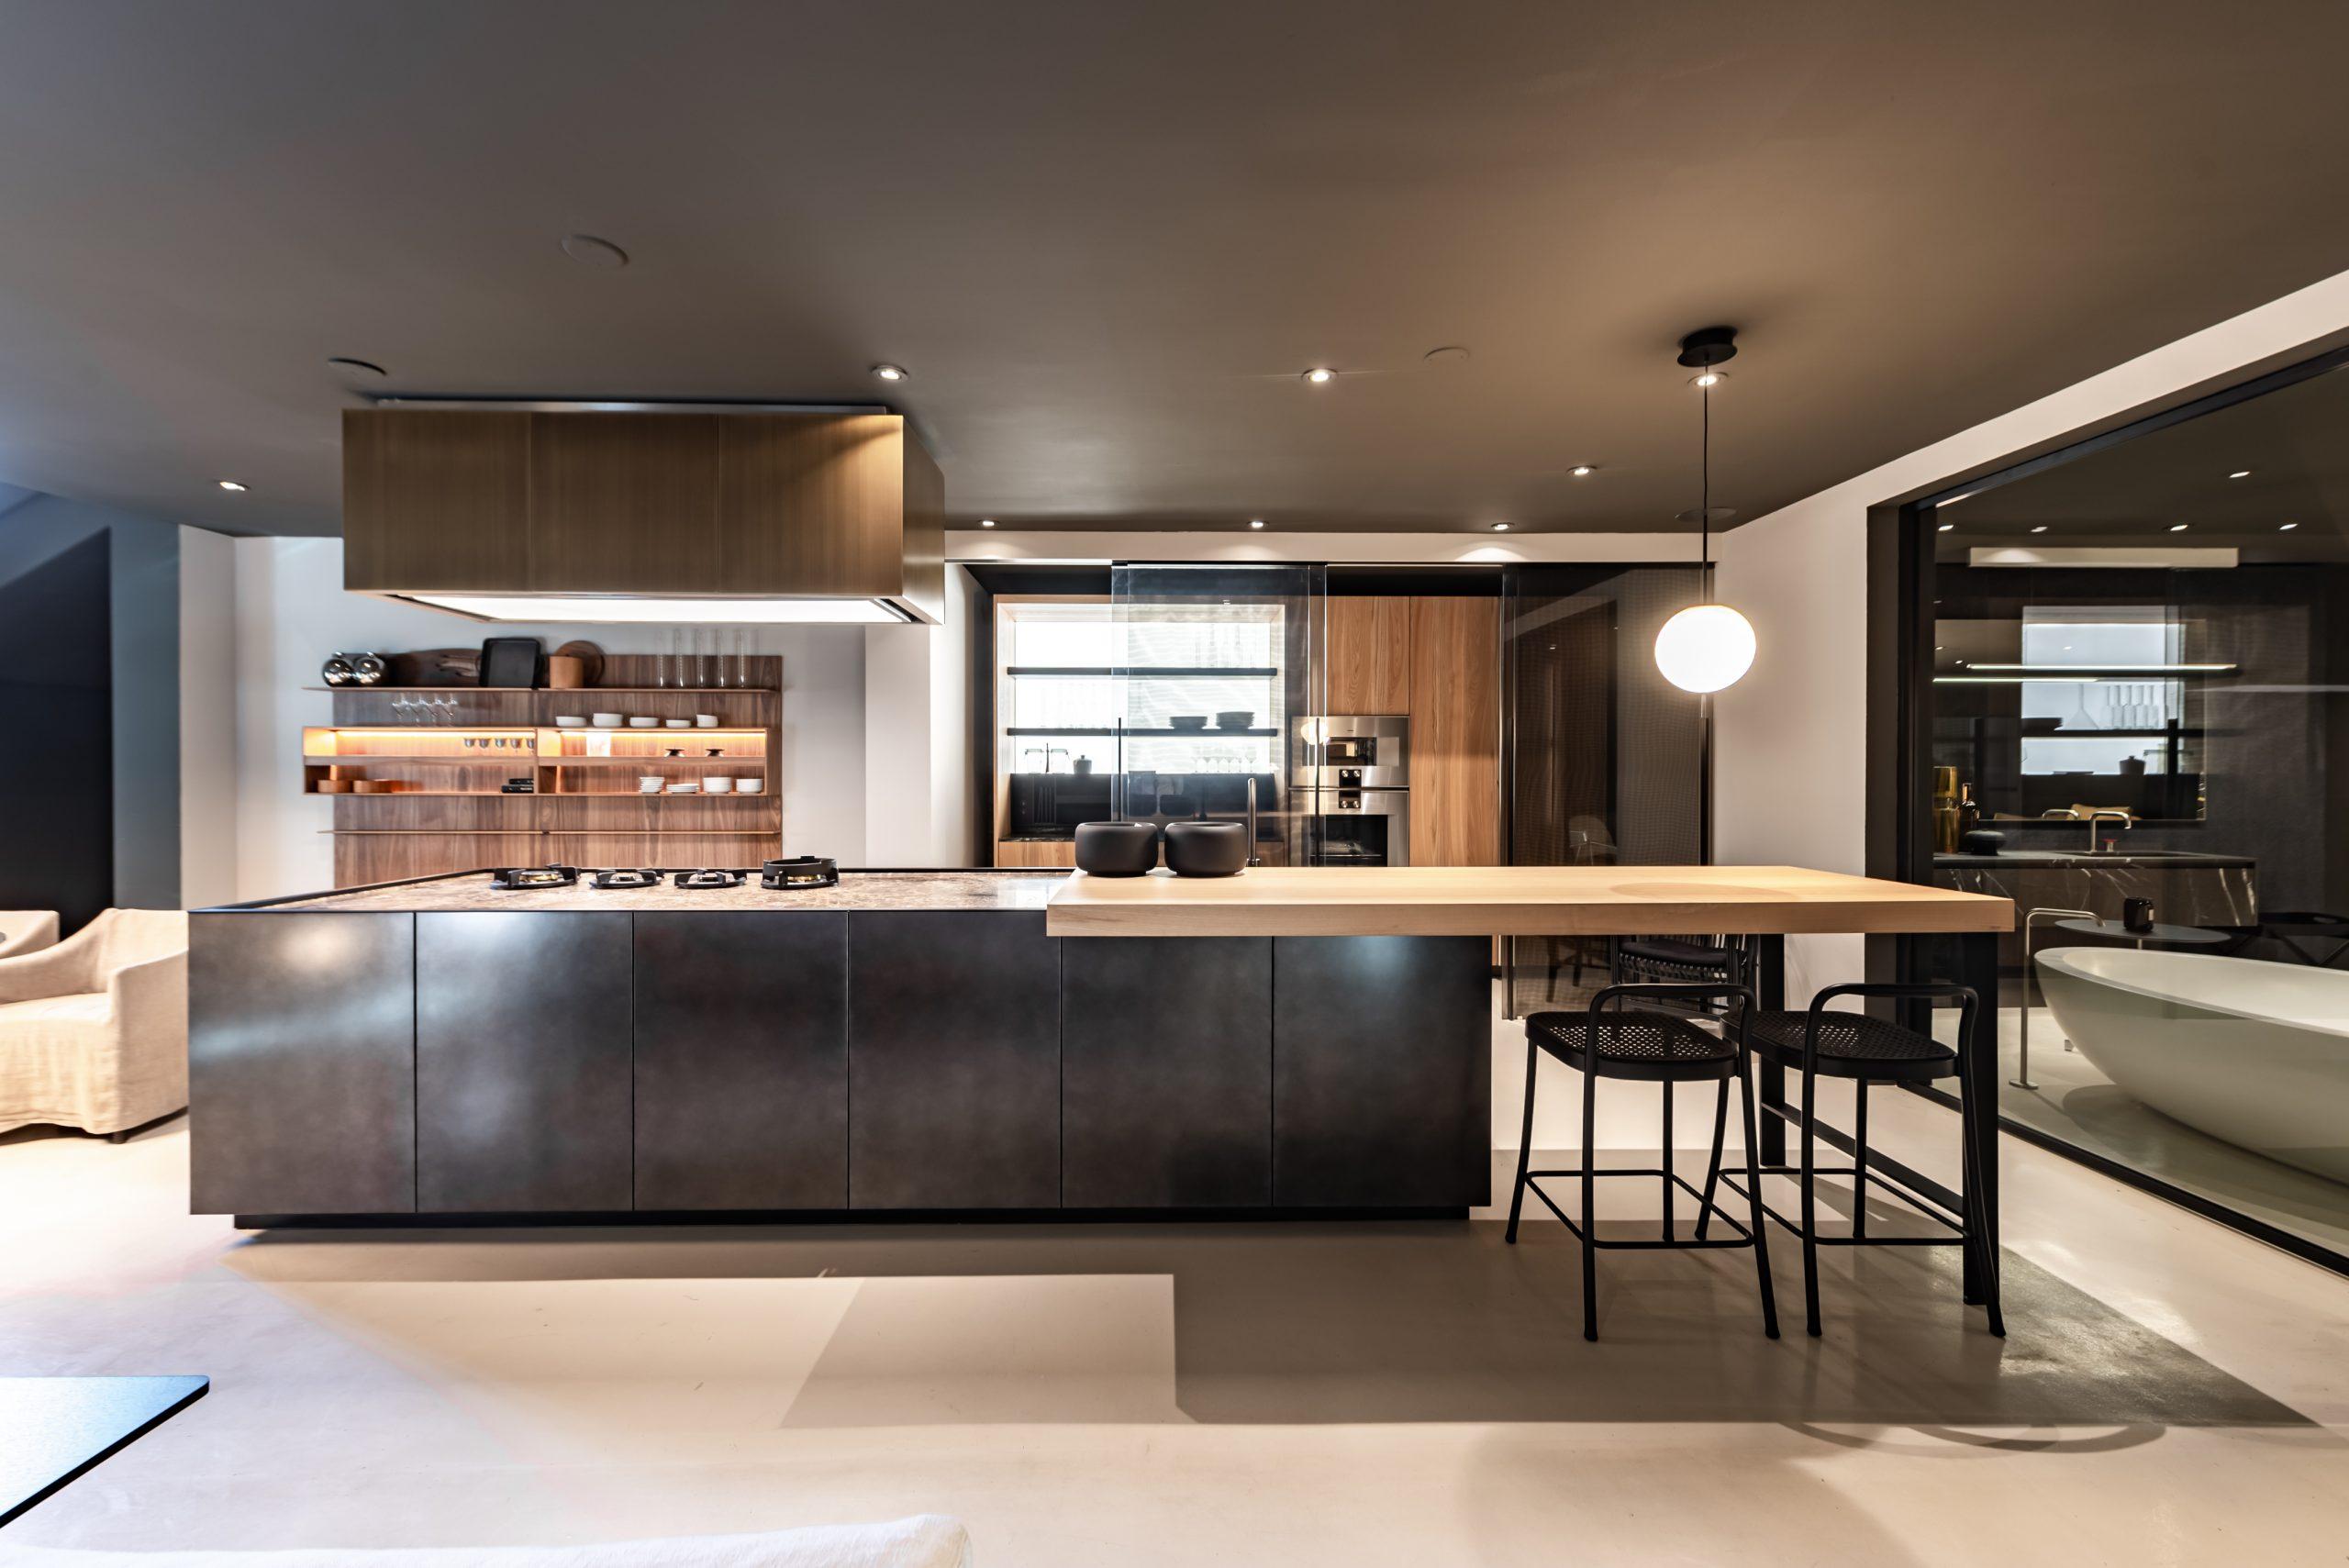 Boffi Unveils Updated Los Angeles Showroom   Kitchen & Bath Design News